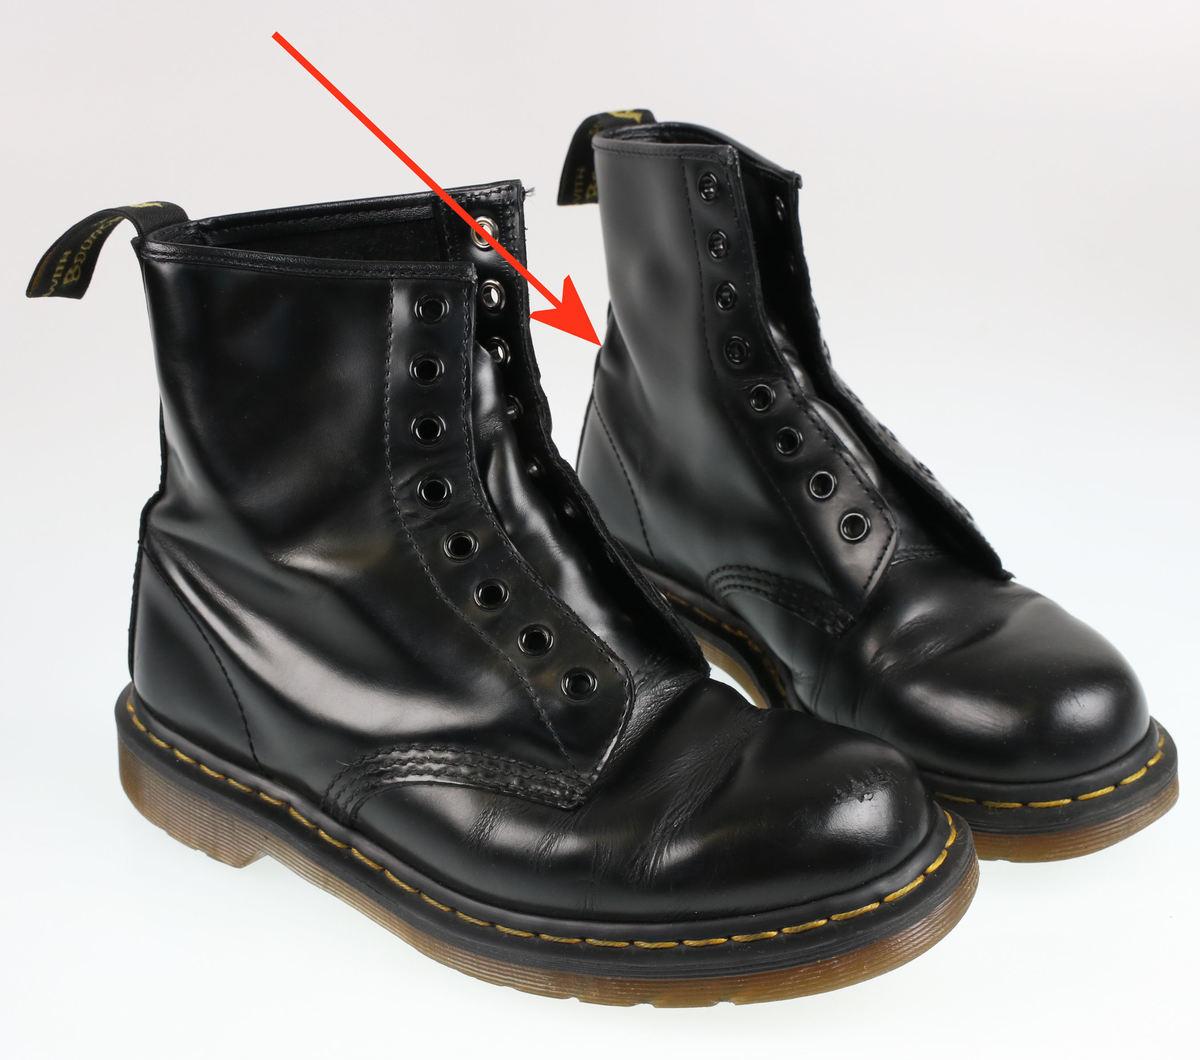 boty Dr. Martens - 8 dírkové - Smooth Black - 1460 - POŠKOZENÉ ... edd697c25b